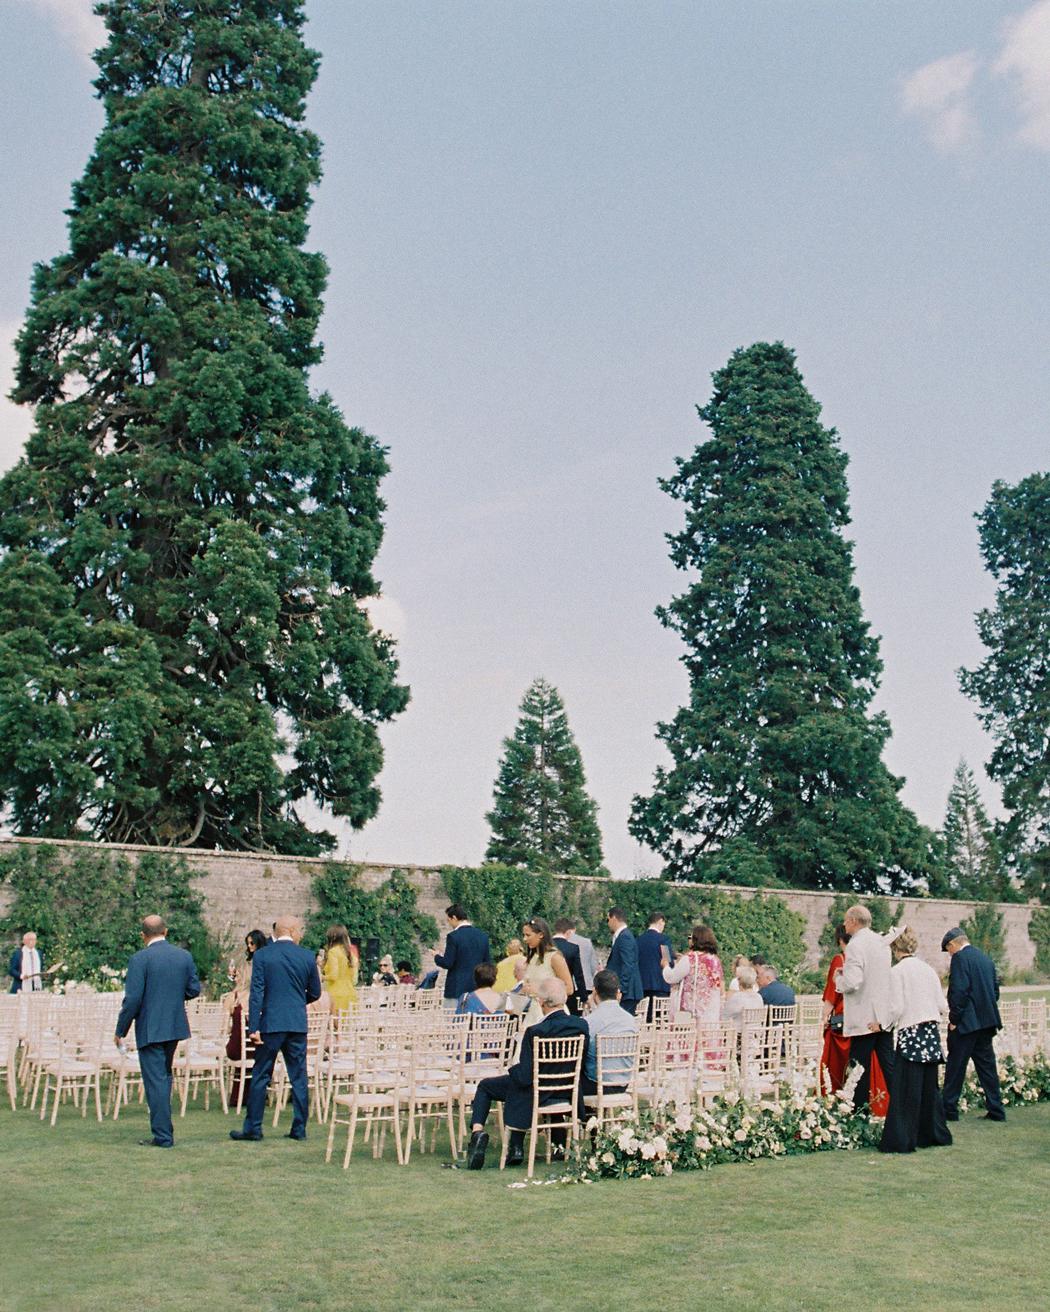 Powerscourt Estate & Gardens walled garden venue